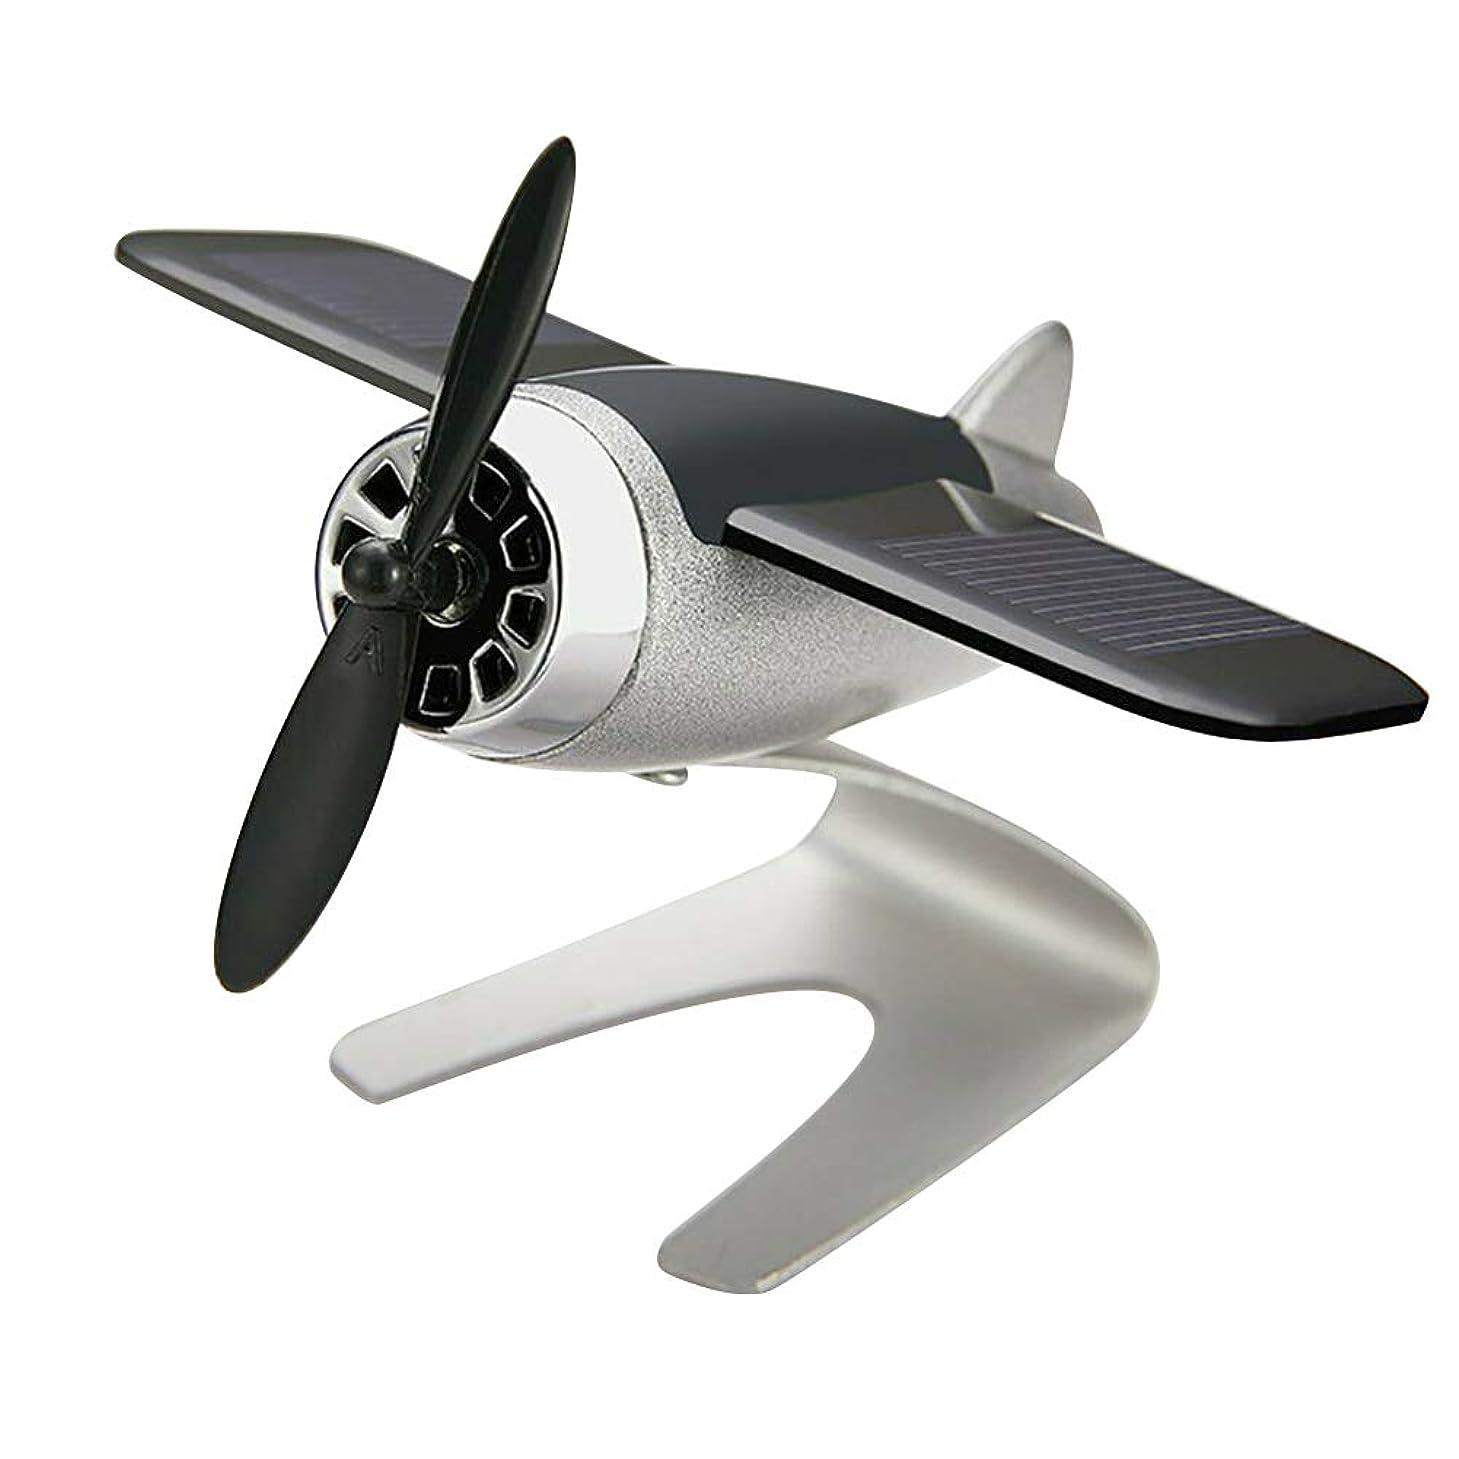 ハードリングディレクトリフィルタSymboat 車の芳香剤飛行機航空機モデル太陽エネルギーアロマテラピー室内装飾